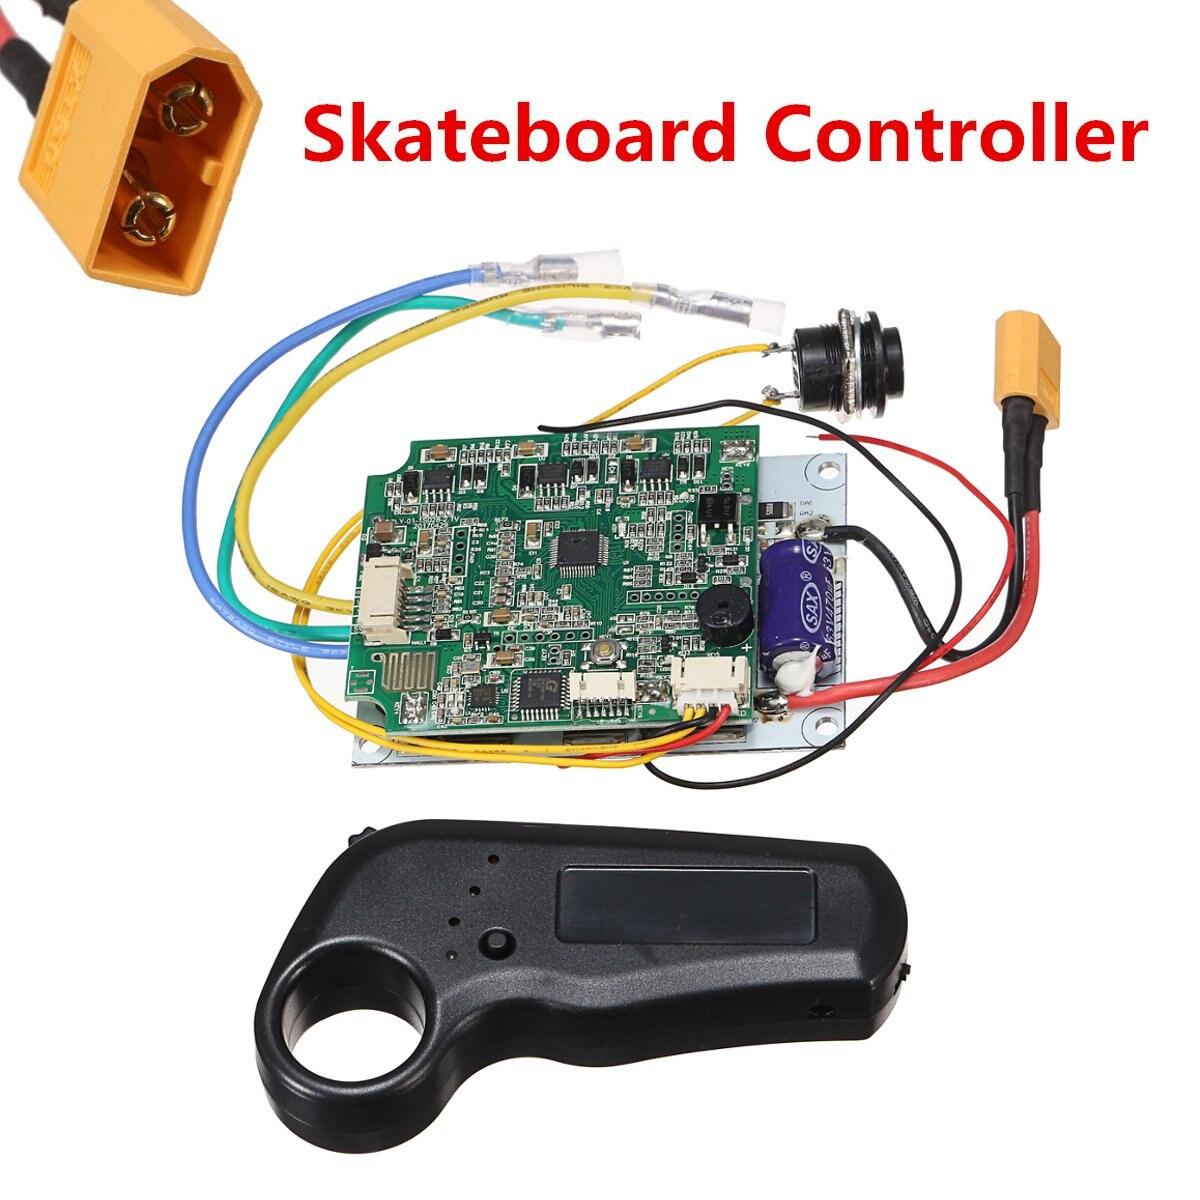 Contrôleur de planche à roulettes électrique de longboard de moteur simple de Mini télécommande ESC remplaçant pour le Longboard électrique de planche à roulettes